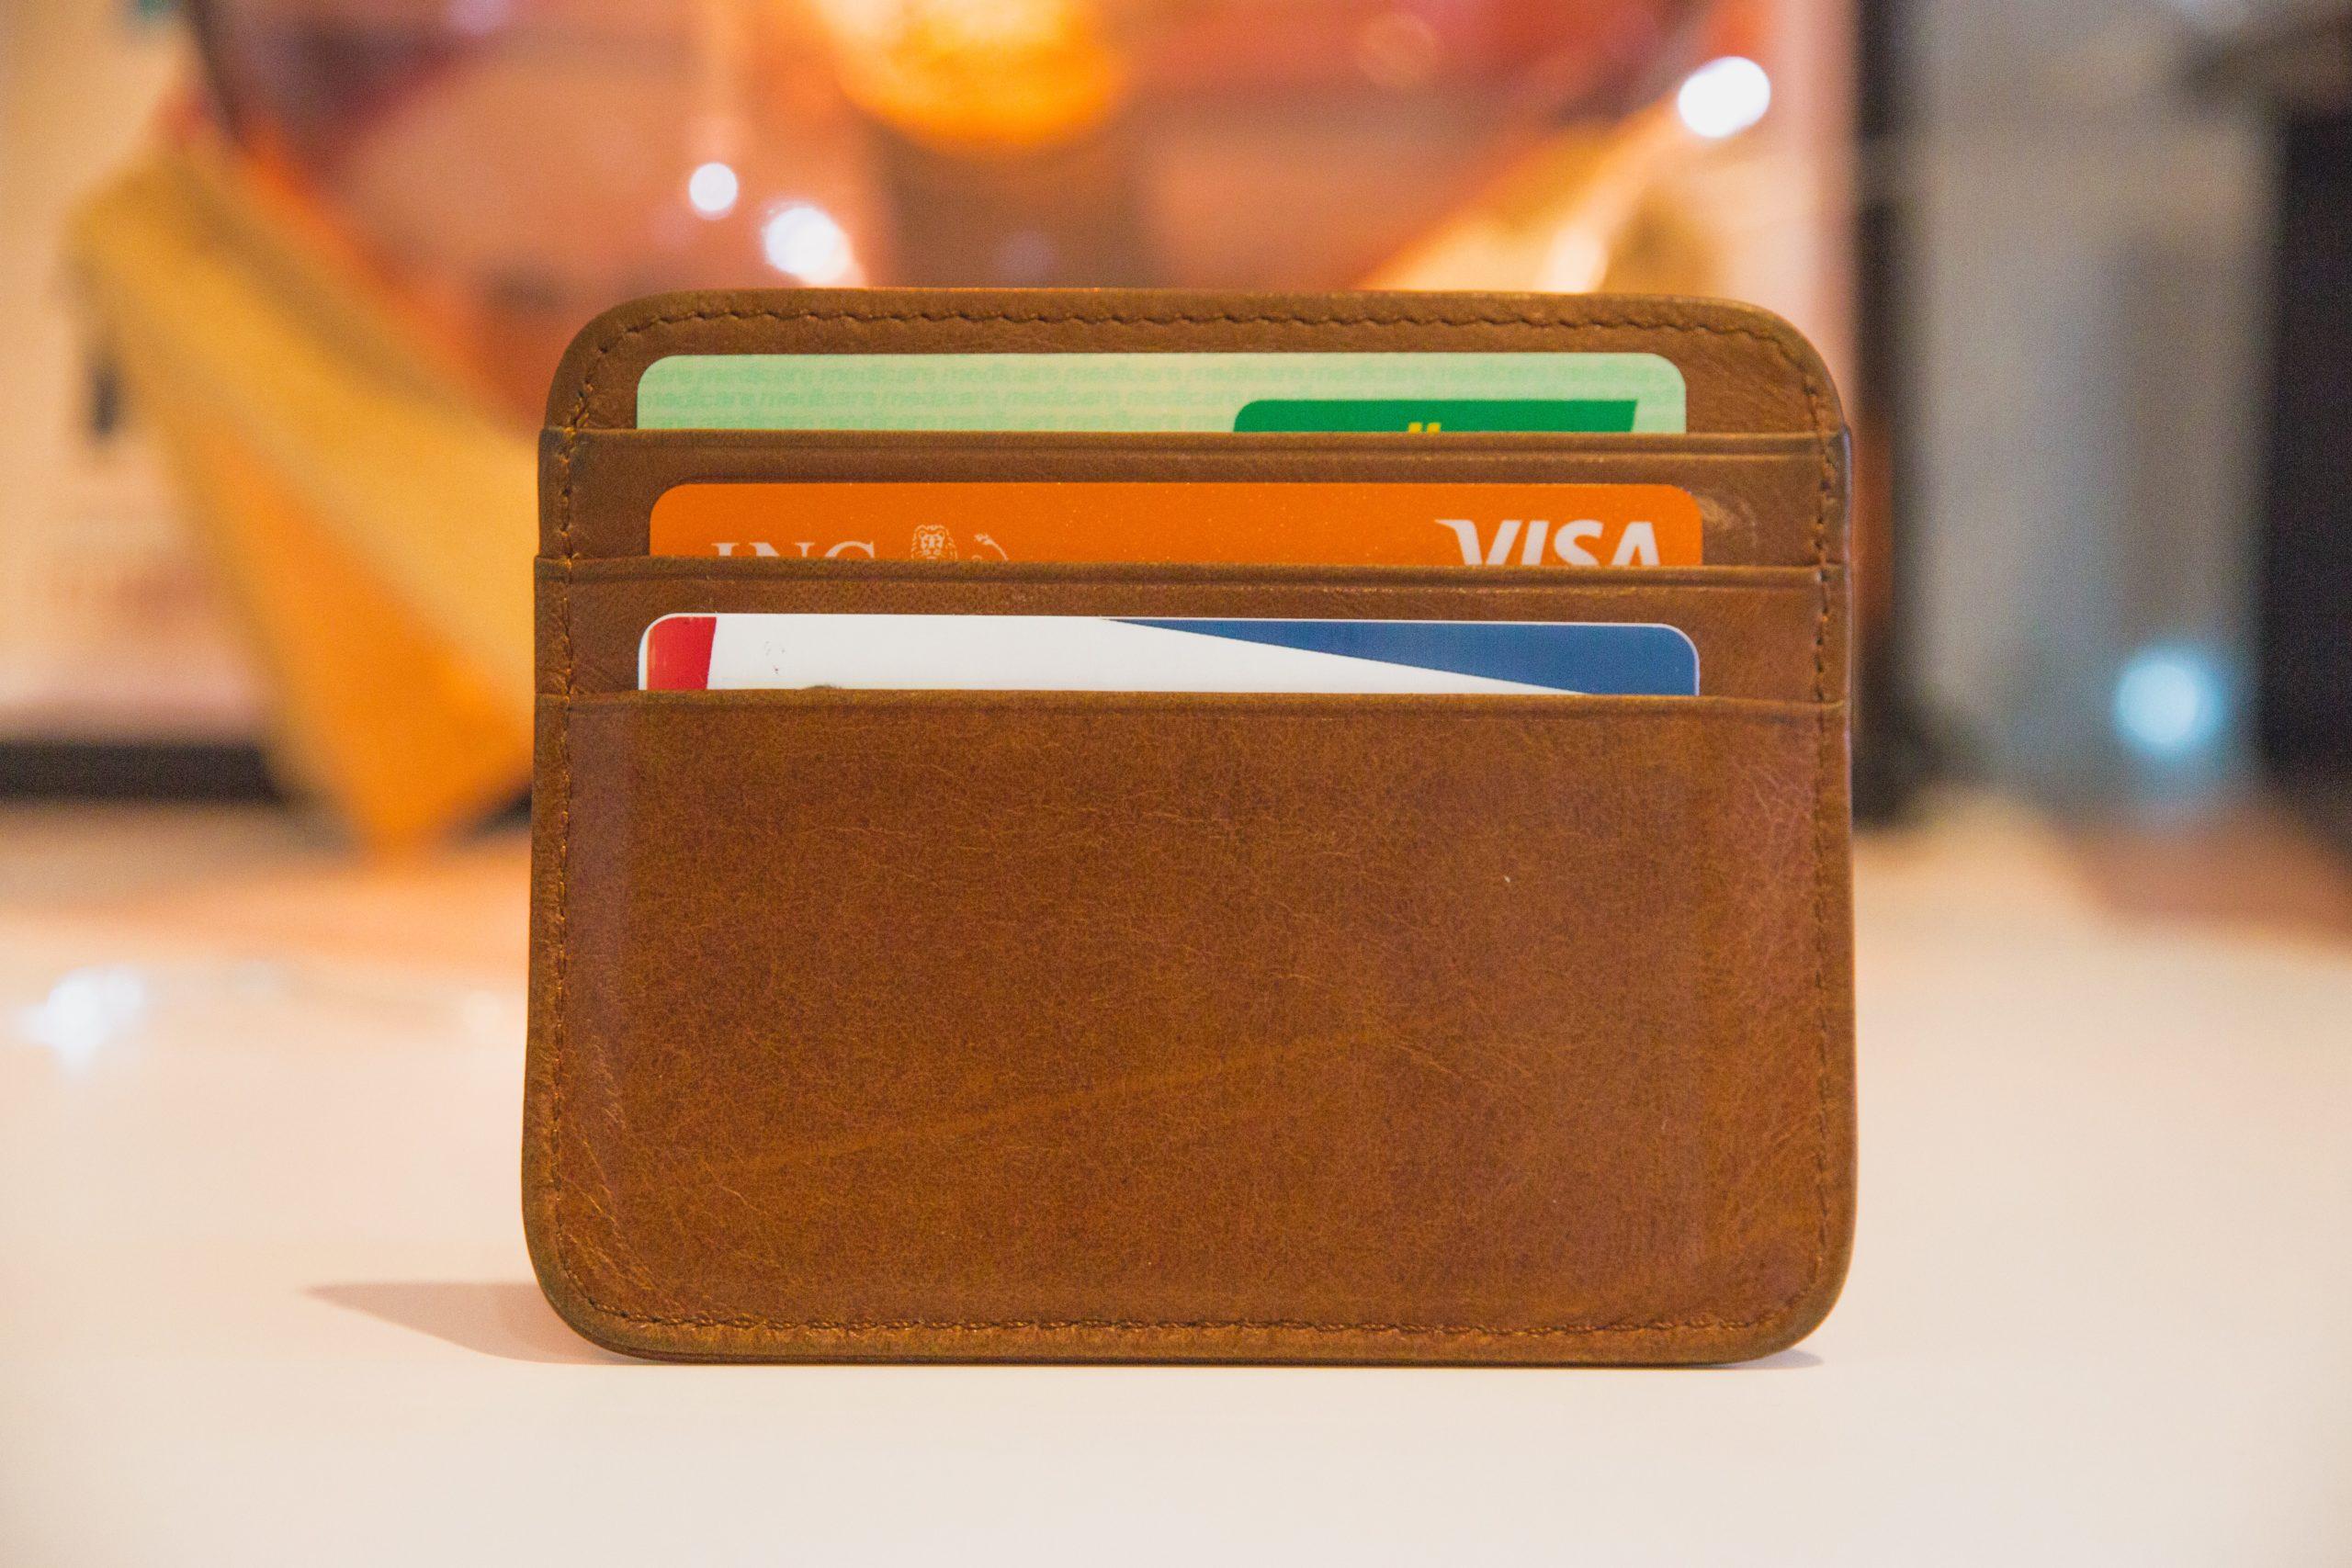 デメリット①:国際ブランドはMasterCardのみ